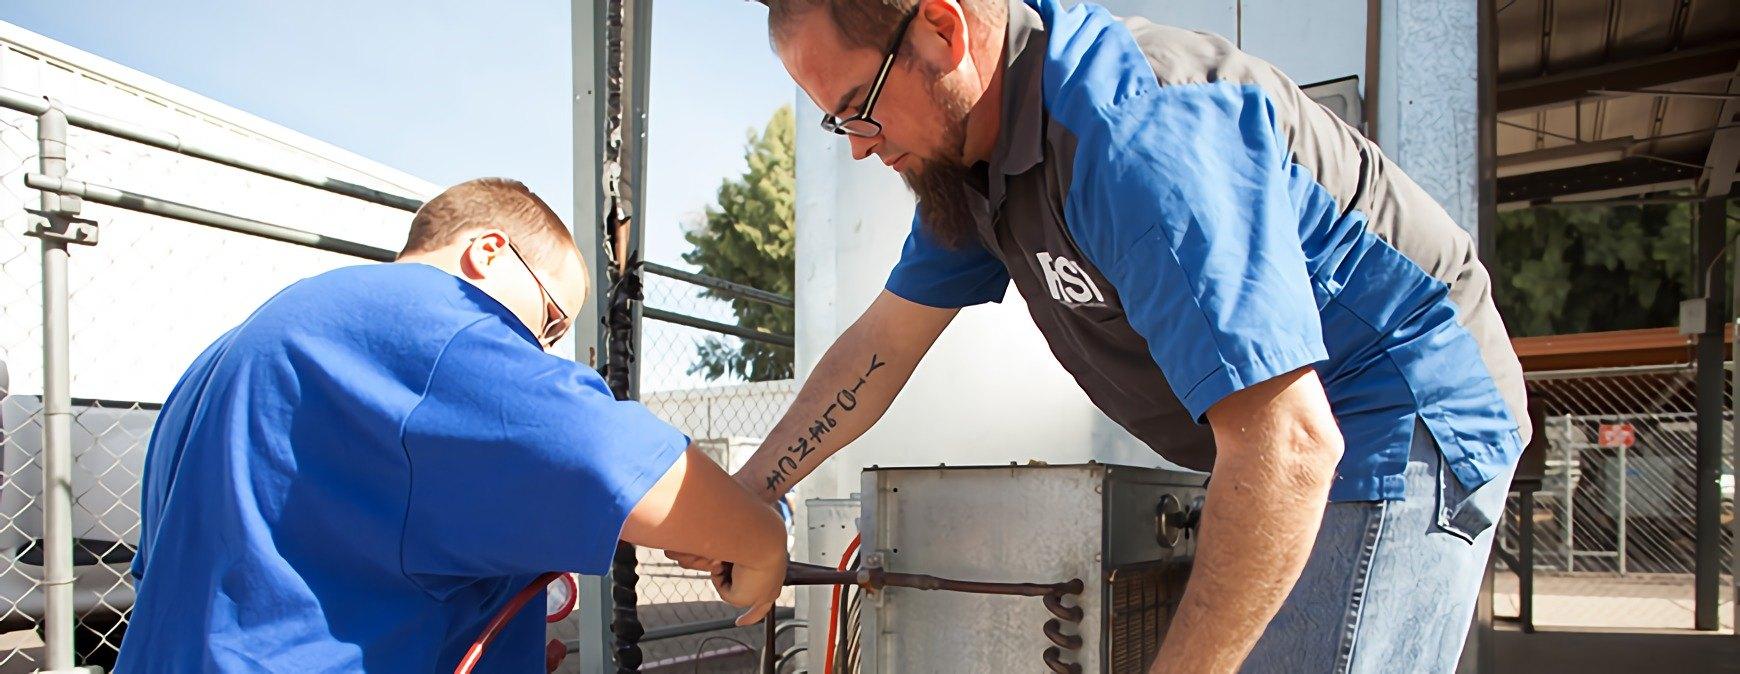 hvac technicians repairing unit